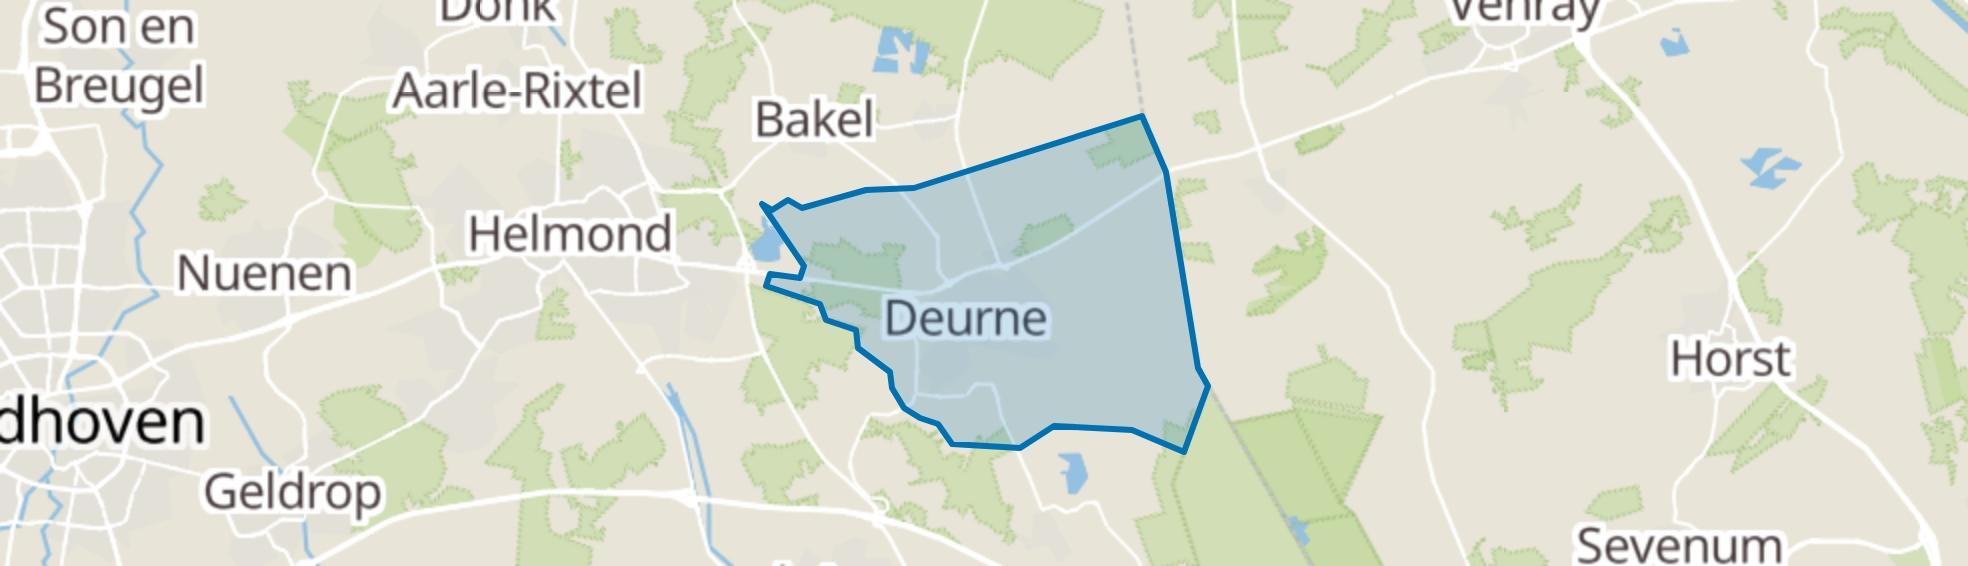 Deurne map